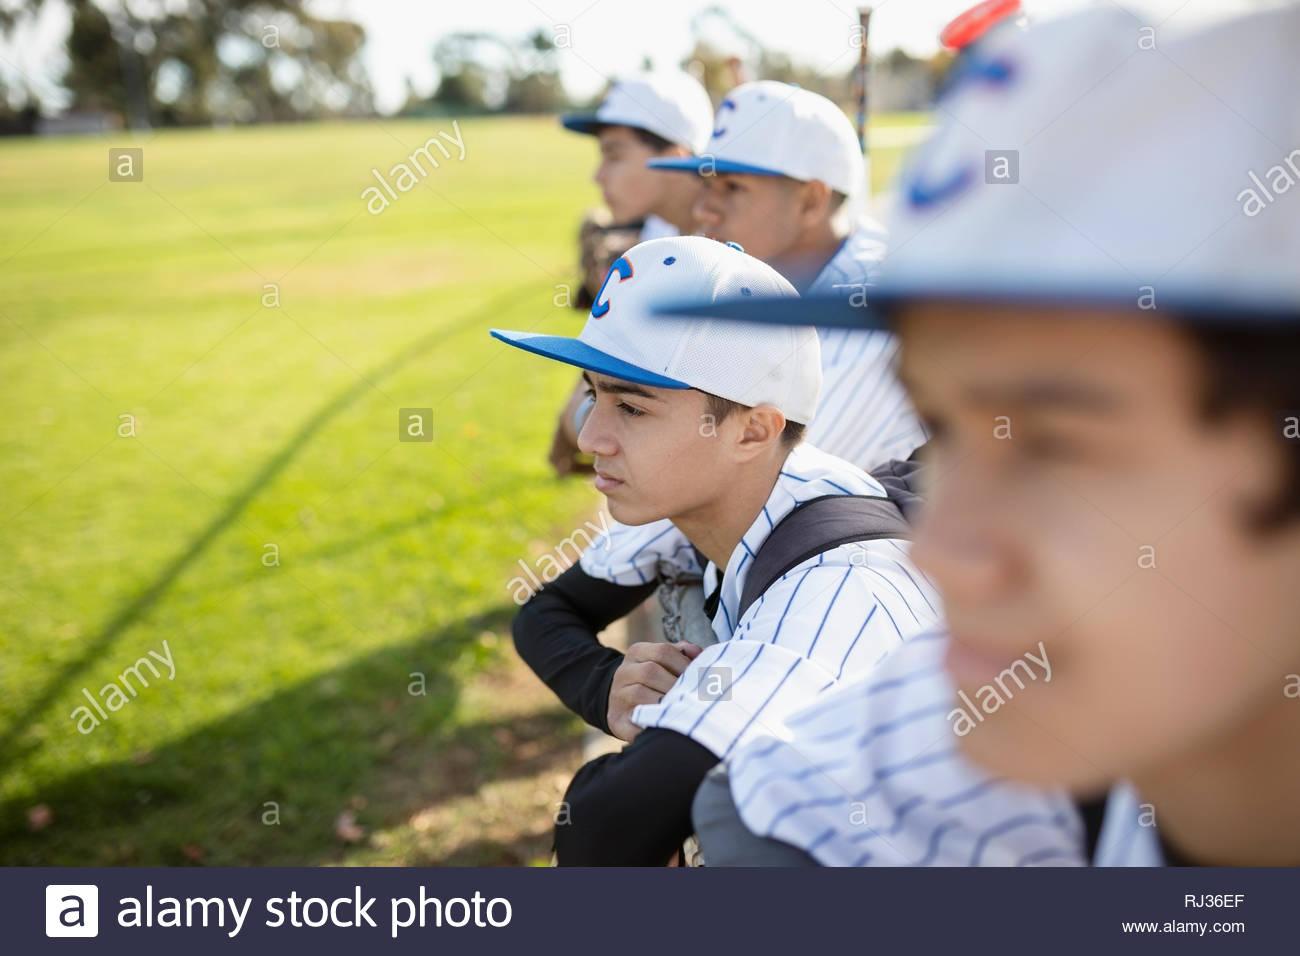 Jugador de béisbol concentrado viendo juego Imagen De Stock